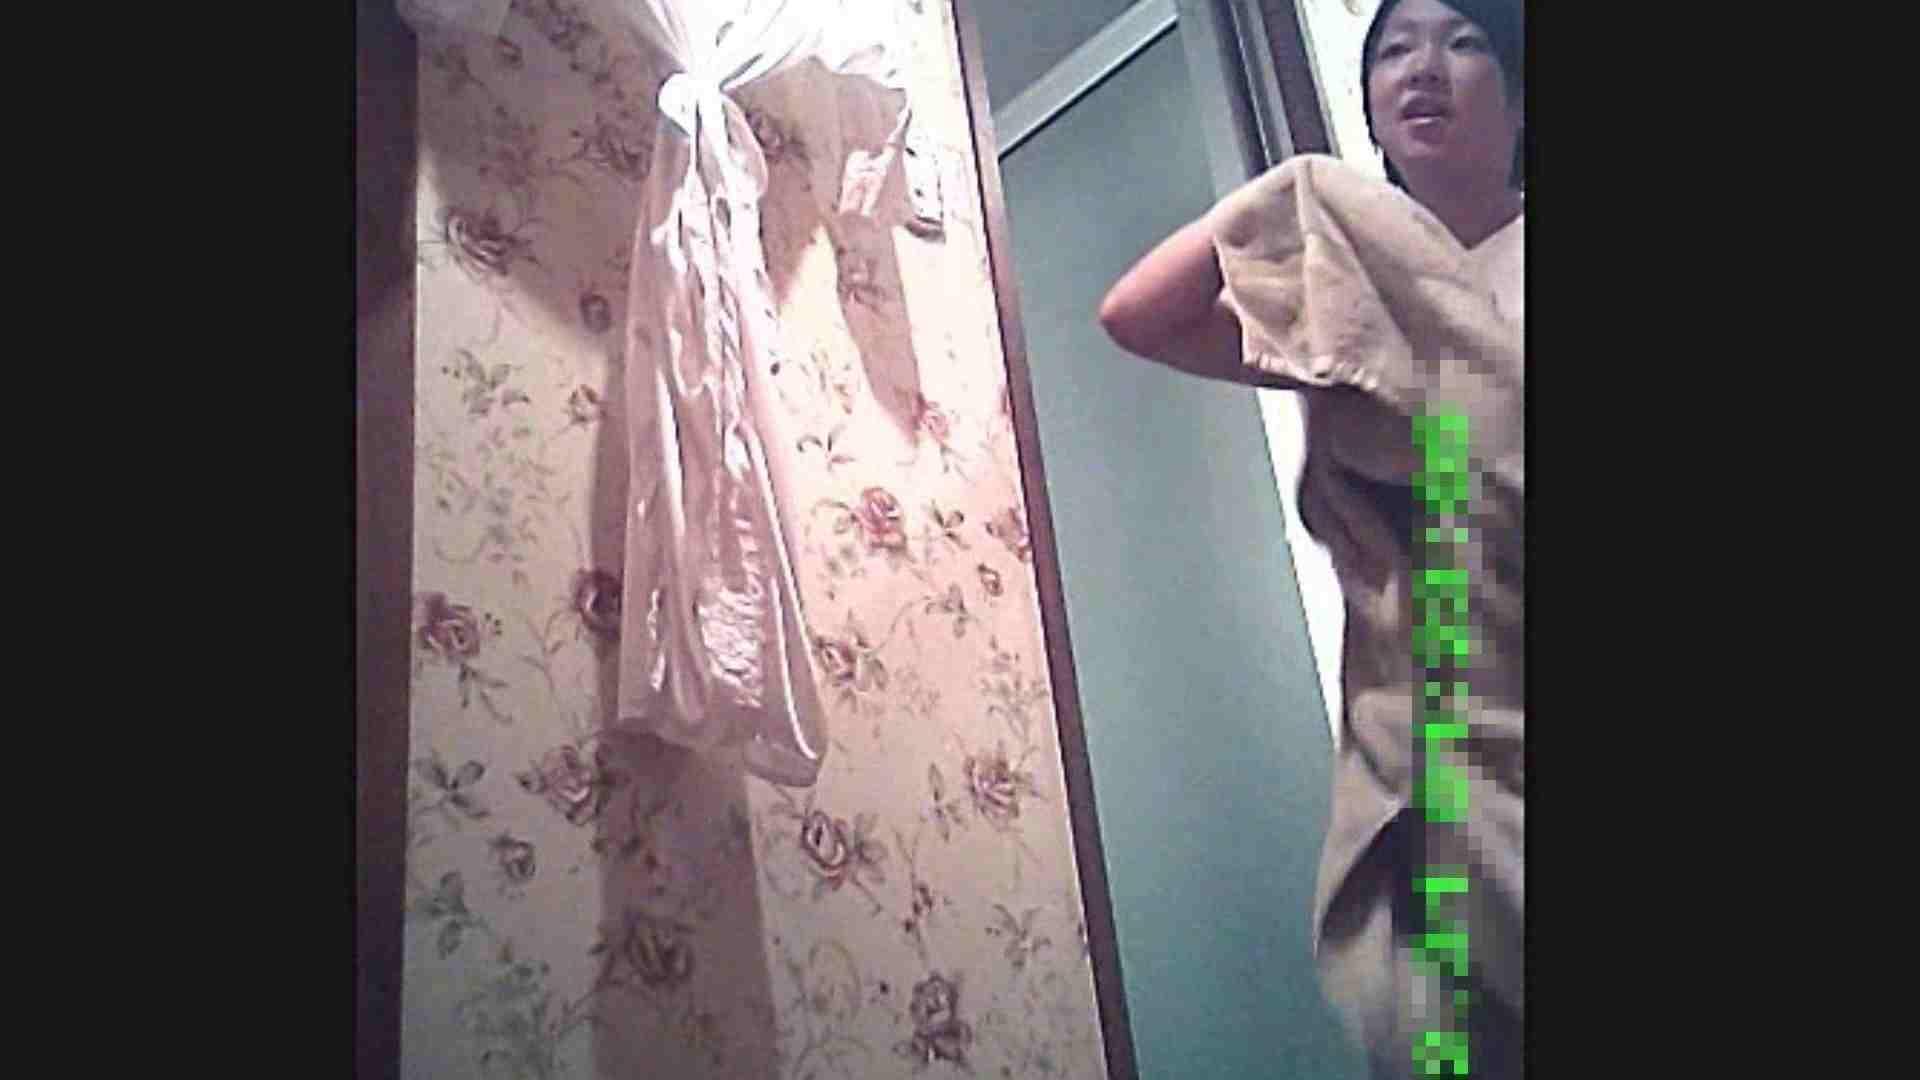 禁断、、家庭教のおしえ子 (シリーズⅣ) しのぶちゃん  Vol.26 脱衣編 むっちり アダルト動画キャプチャ 103画像 46